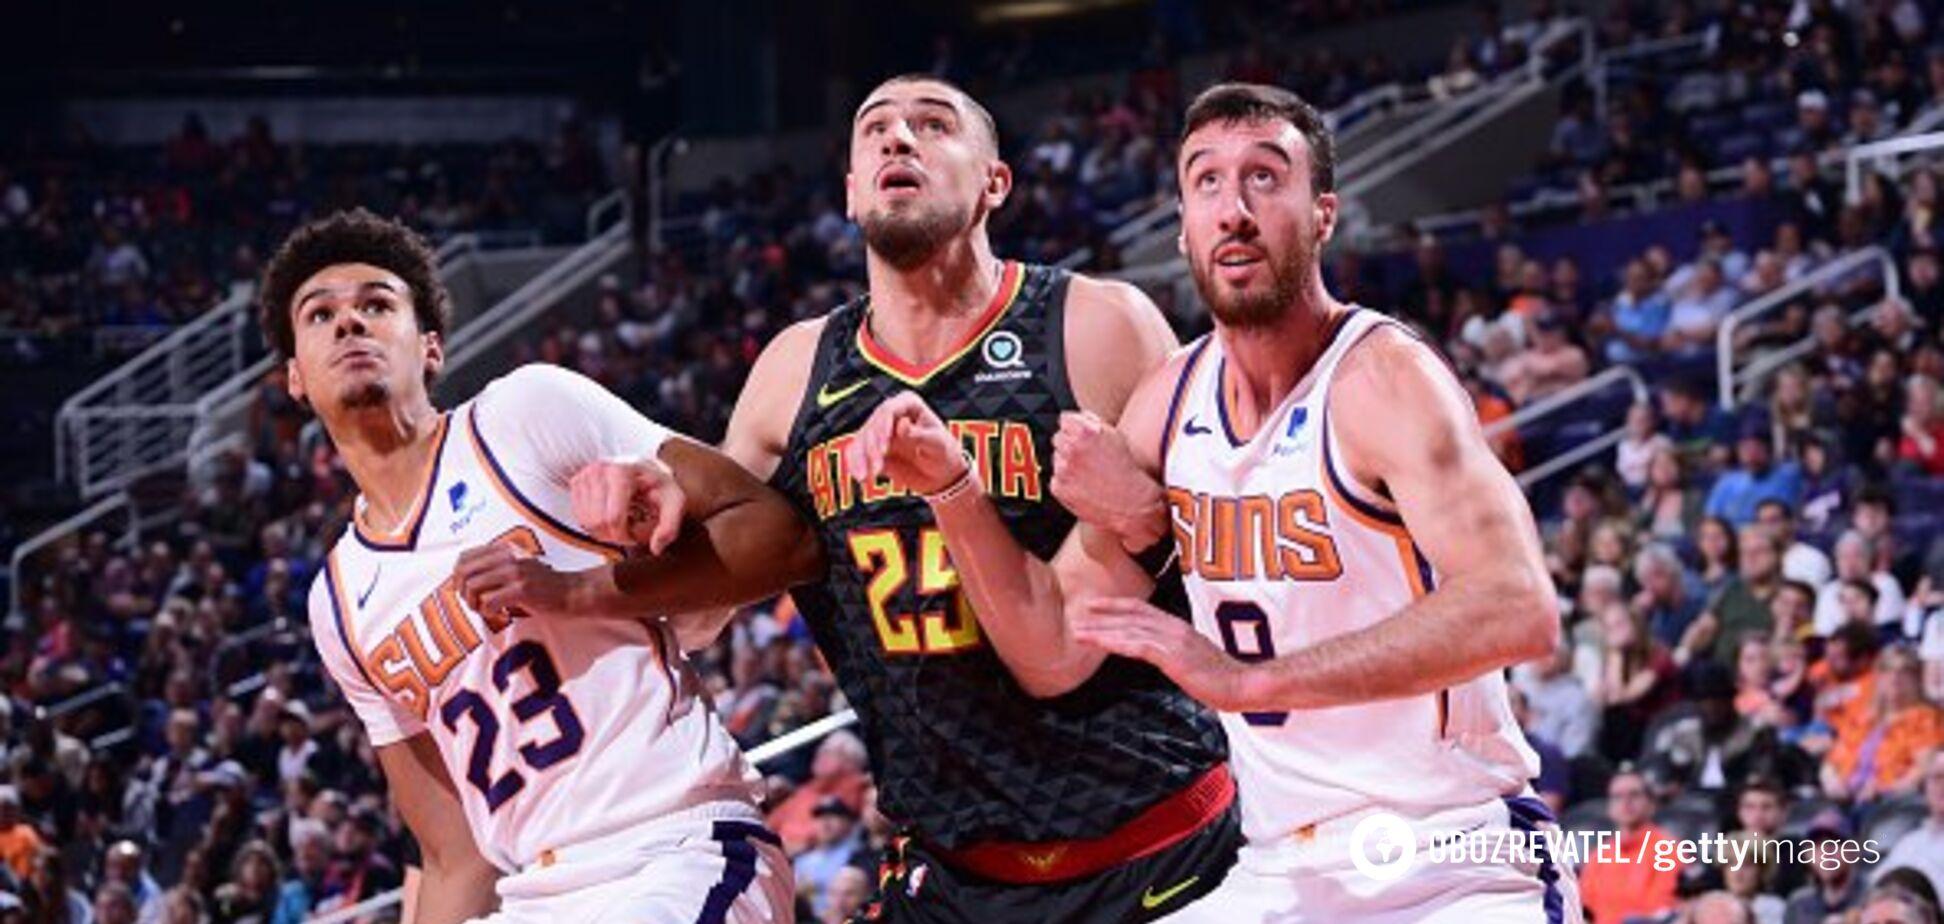 Рекорд! Українець Лень провів потужний матч у НБА – відео